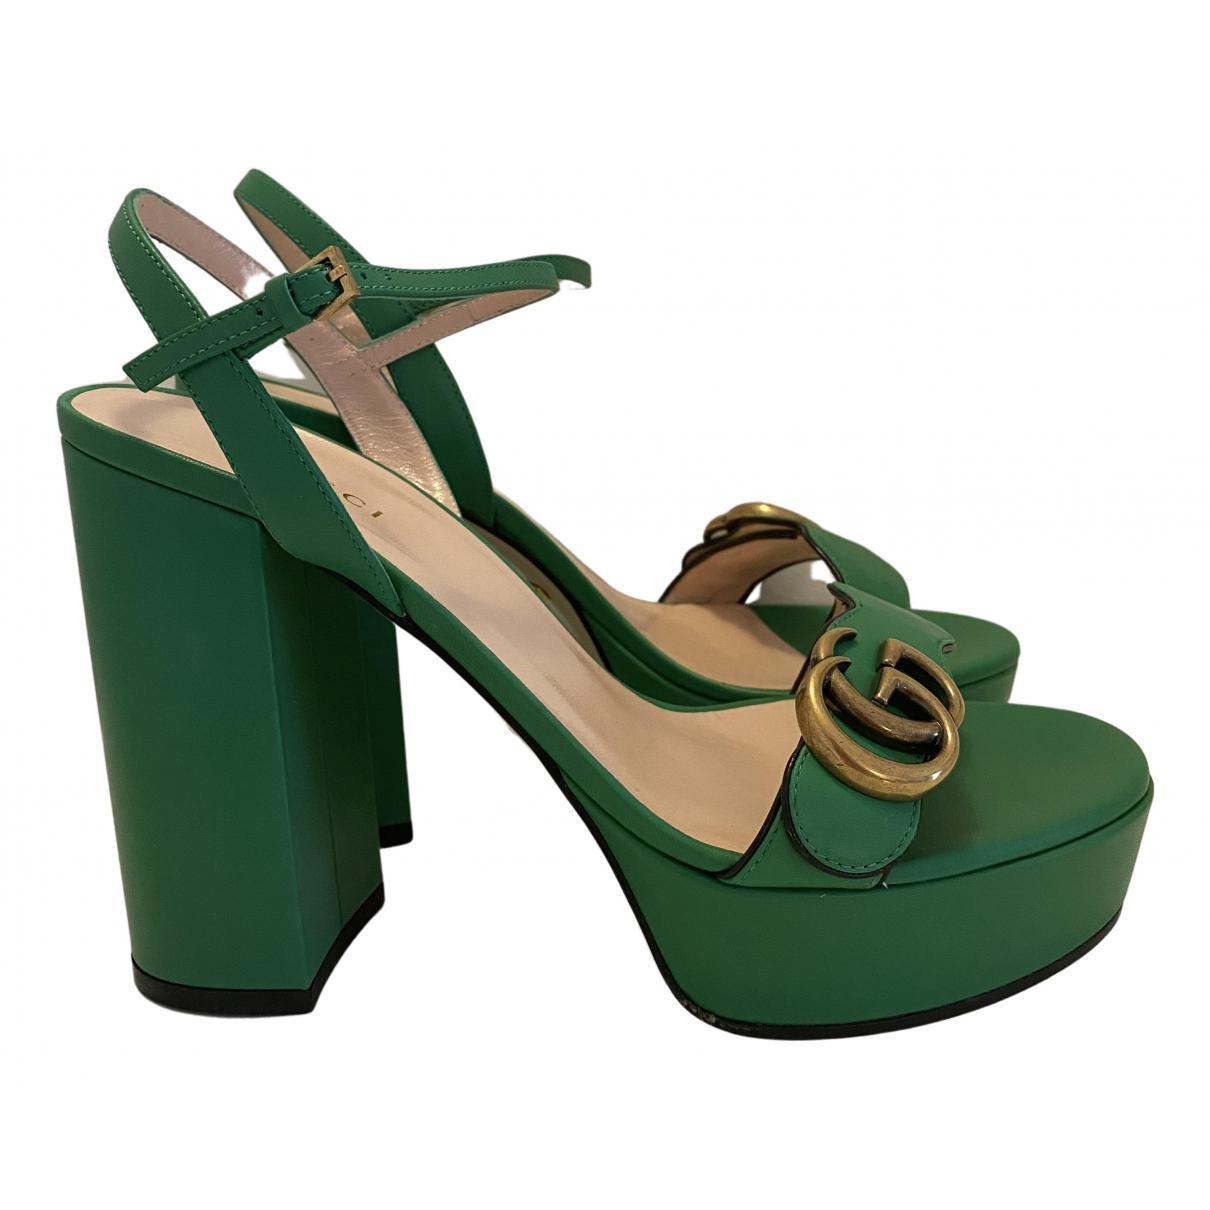 Gucci - Sandales Marmont pour femme en cuir - vert